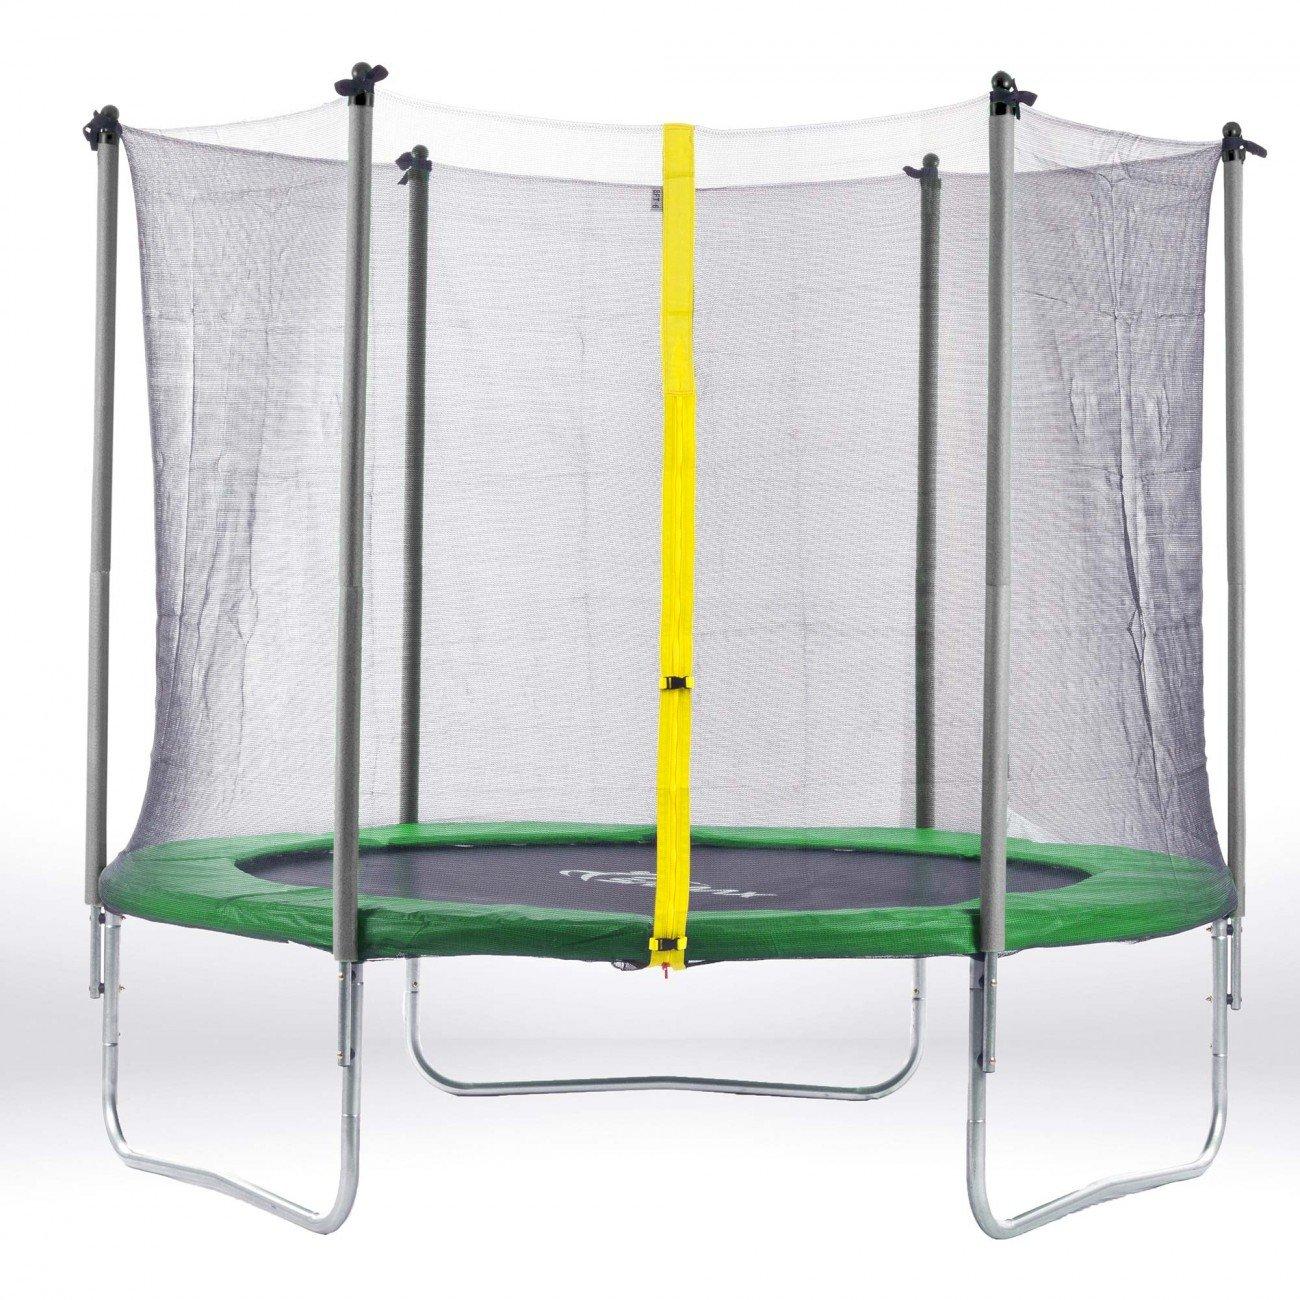 SAMAX Trampolin Gartentrampolin 3,66m (12 ft) Sicherheitsnetz grün günstig bestellen